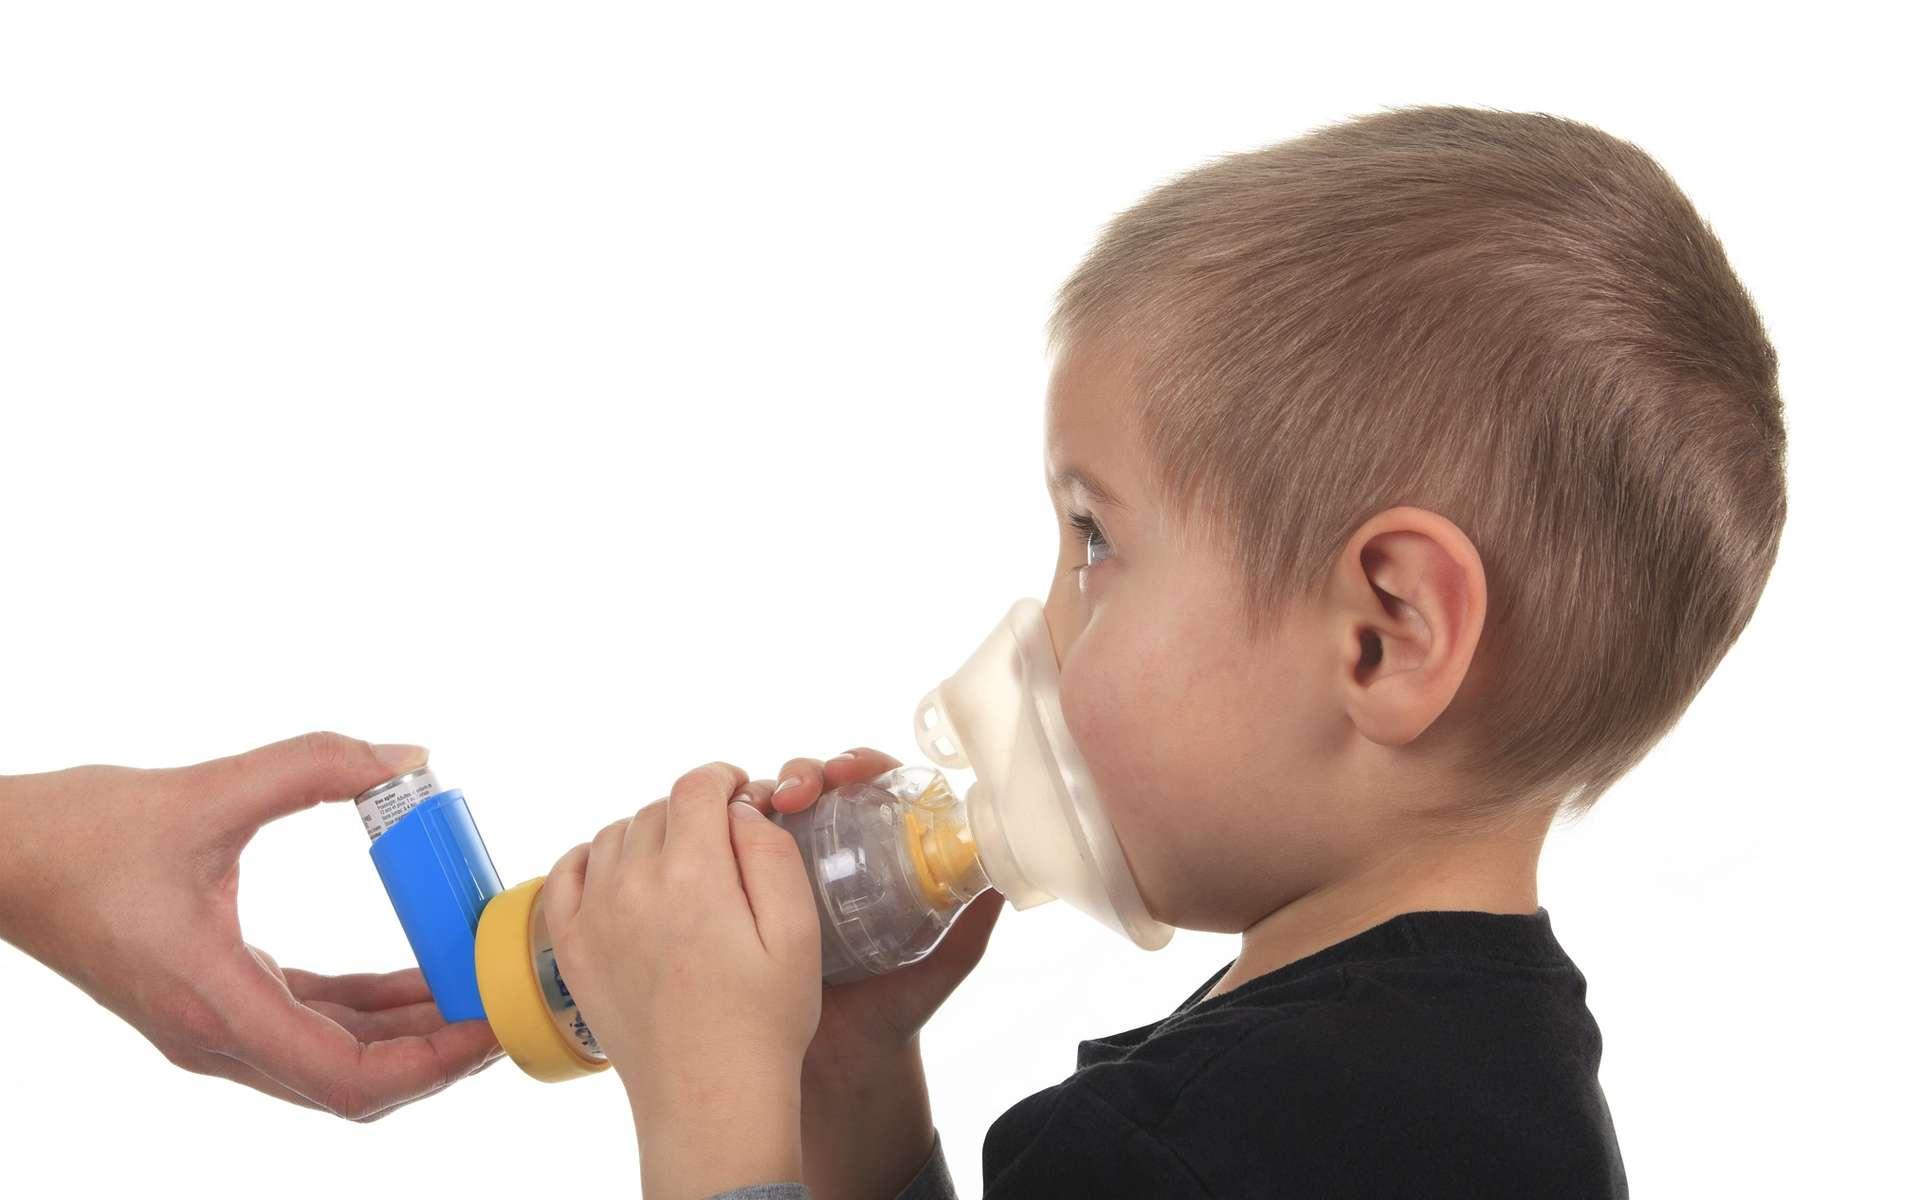 Les enfants souffrant d'asthme peuvent utiliser une chambre d'inhalation pour prendre leur traitement. © Lopolo, Shutterstock